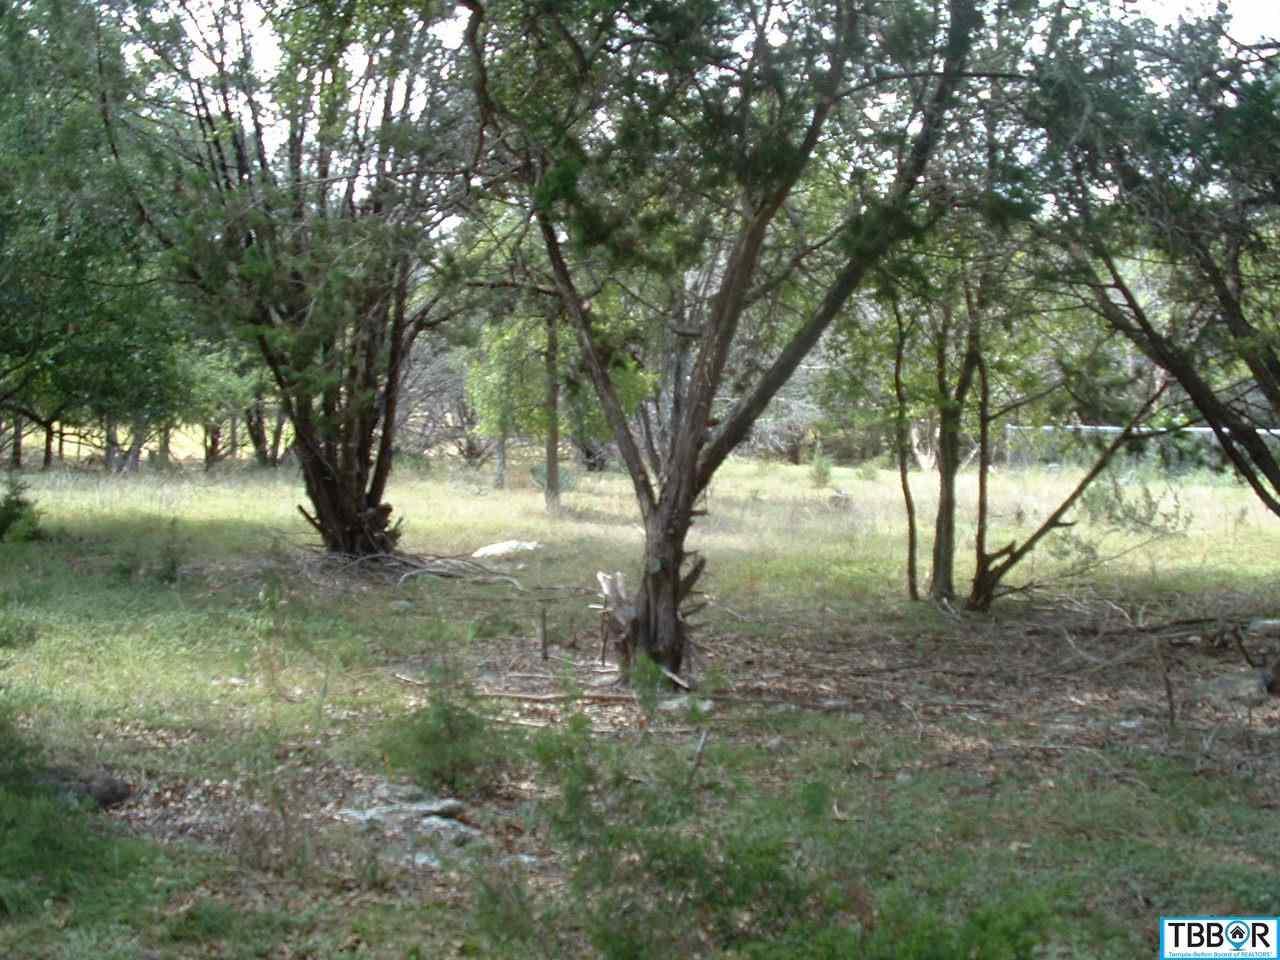 0000 Artesian, Morgans Point TX 76513 - Photo 1